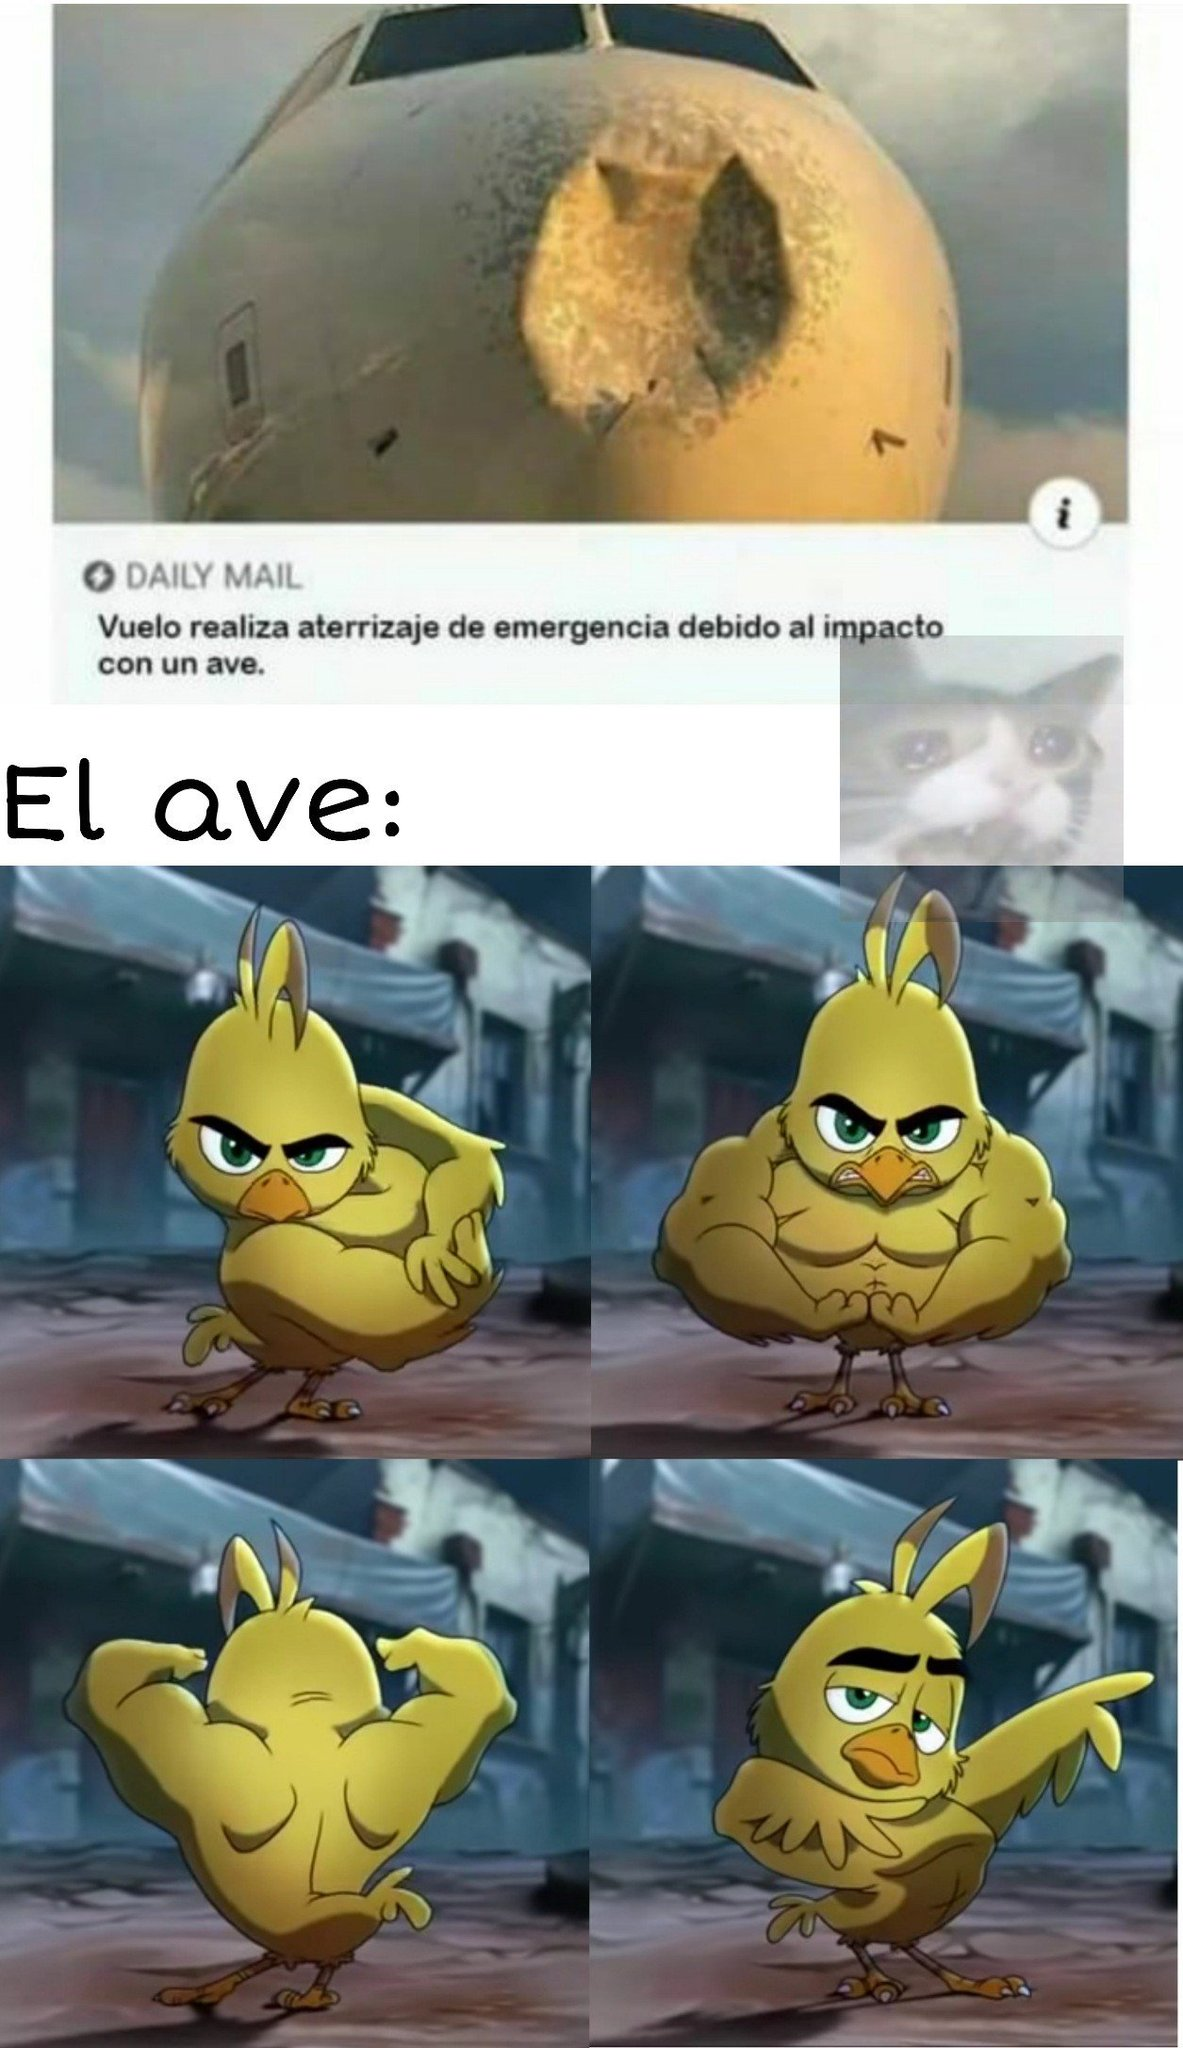 ESTA MAMADÍIIIIISIMO - meme